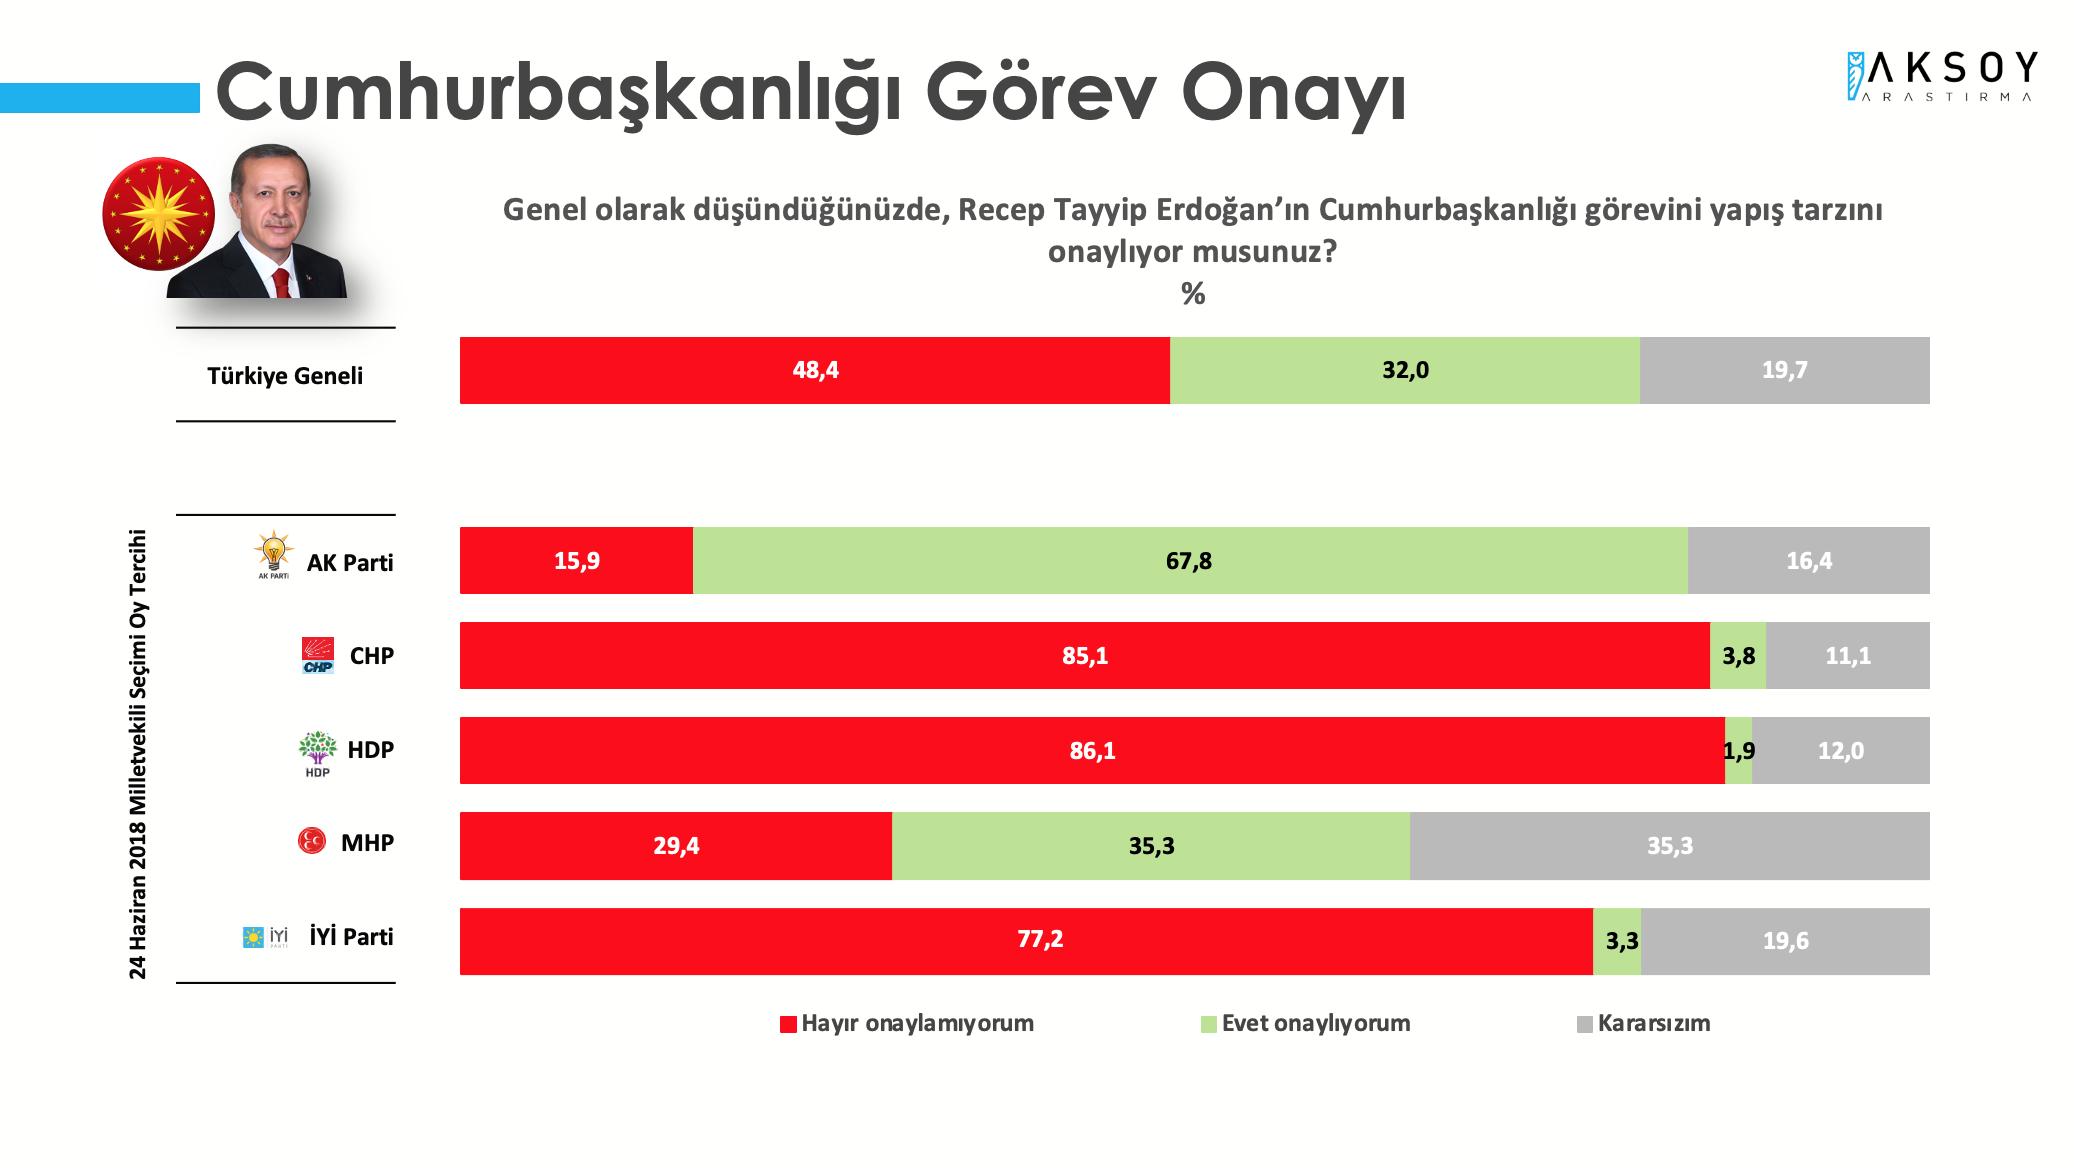 <p><strong>RECEP TAYYİP ERDOĞAN'IN CUMHURBAŞKANLIĞI GÖREV YAPIŞ TARZI BEĞENİLMİYOR</strong></p><p>Türkiye Monitörü Mayıs 2021 araştırmasında, katılımcılara Genel olarak düşündüğünüzde, Recep Tayyip Erdoğan'ın Cumhurbaşkanlığı görevini yapış tarzını onaylıyor musunuz? sorusuna yanıtlar alındı. Araştırmaya katılanların yüzde 48,4'ü Cumhurbaşkanı Erdoğan'ın görev yapış tarzını onaylamadığını belirtirken, yüzde 32'si onayladığı yanıtını verdi. Katılımcıların yüzde 19,7'si ise kararsızım cevabını verdi.</p><p>AKP seçmeninin %67,8'i Cumhurbaşkanı Erdoğan'ın görev yapış tarzını onayladığını ifade ederken, Cumhur İttifakı'nın diğer bileşeni olan MHP seçmeninin sadece yüzde 35,3'ü Cumhurbaşkanı Erdoğan'ın tarzını onayladığını dile getirdi.</p>